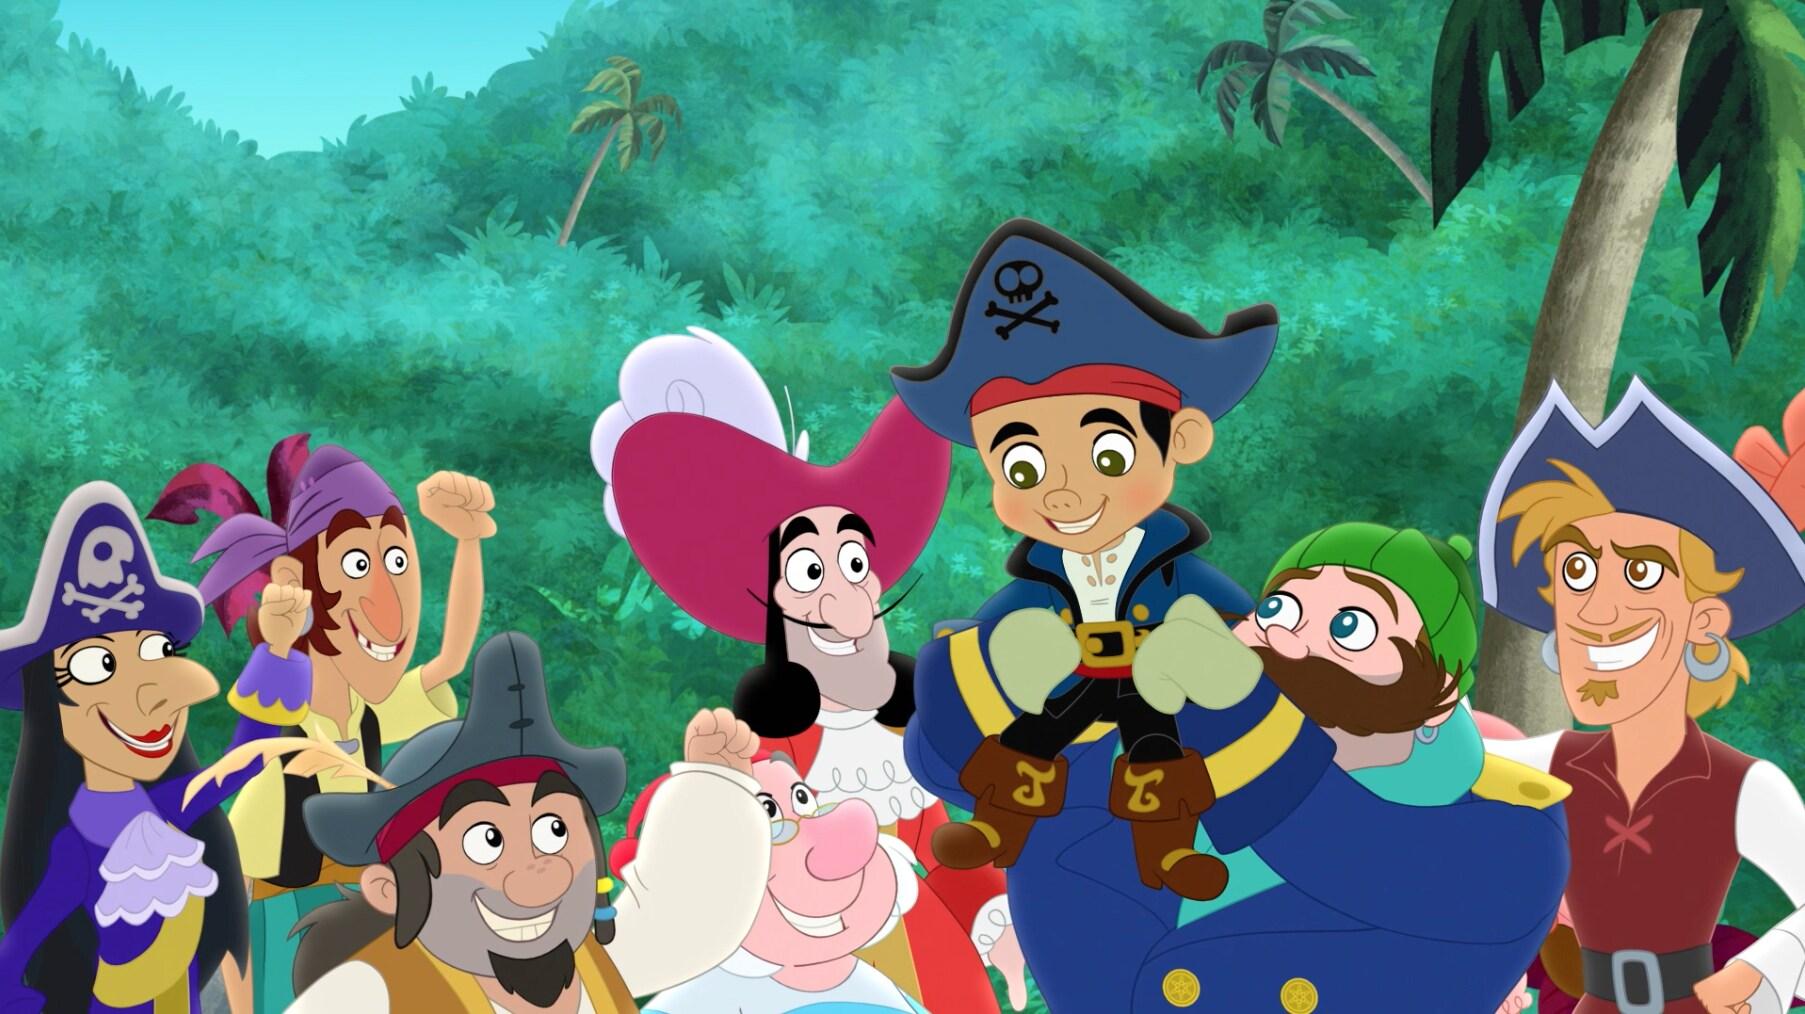 Capitão Jake e os Piratas da Terra do Nunca — A Legião dos Piratas Vilões